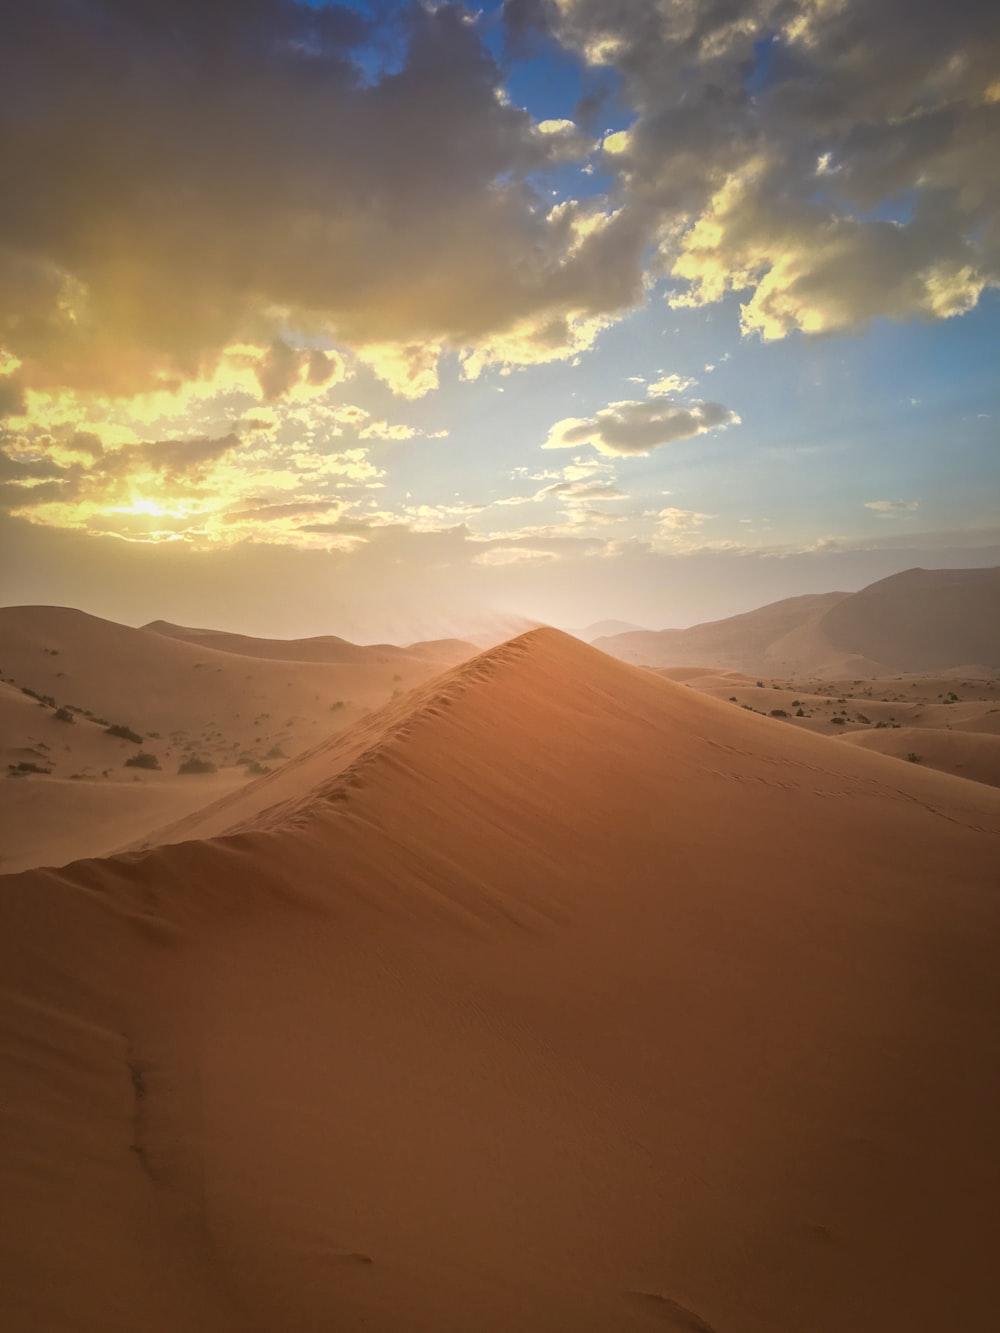 desert under white and blue sky